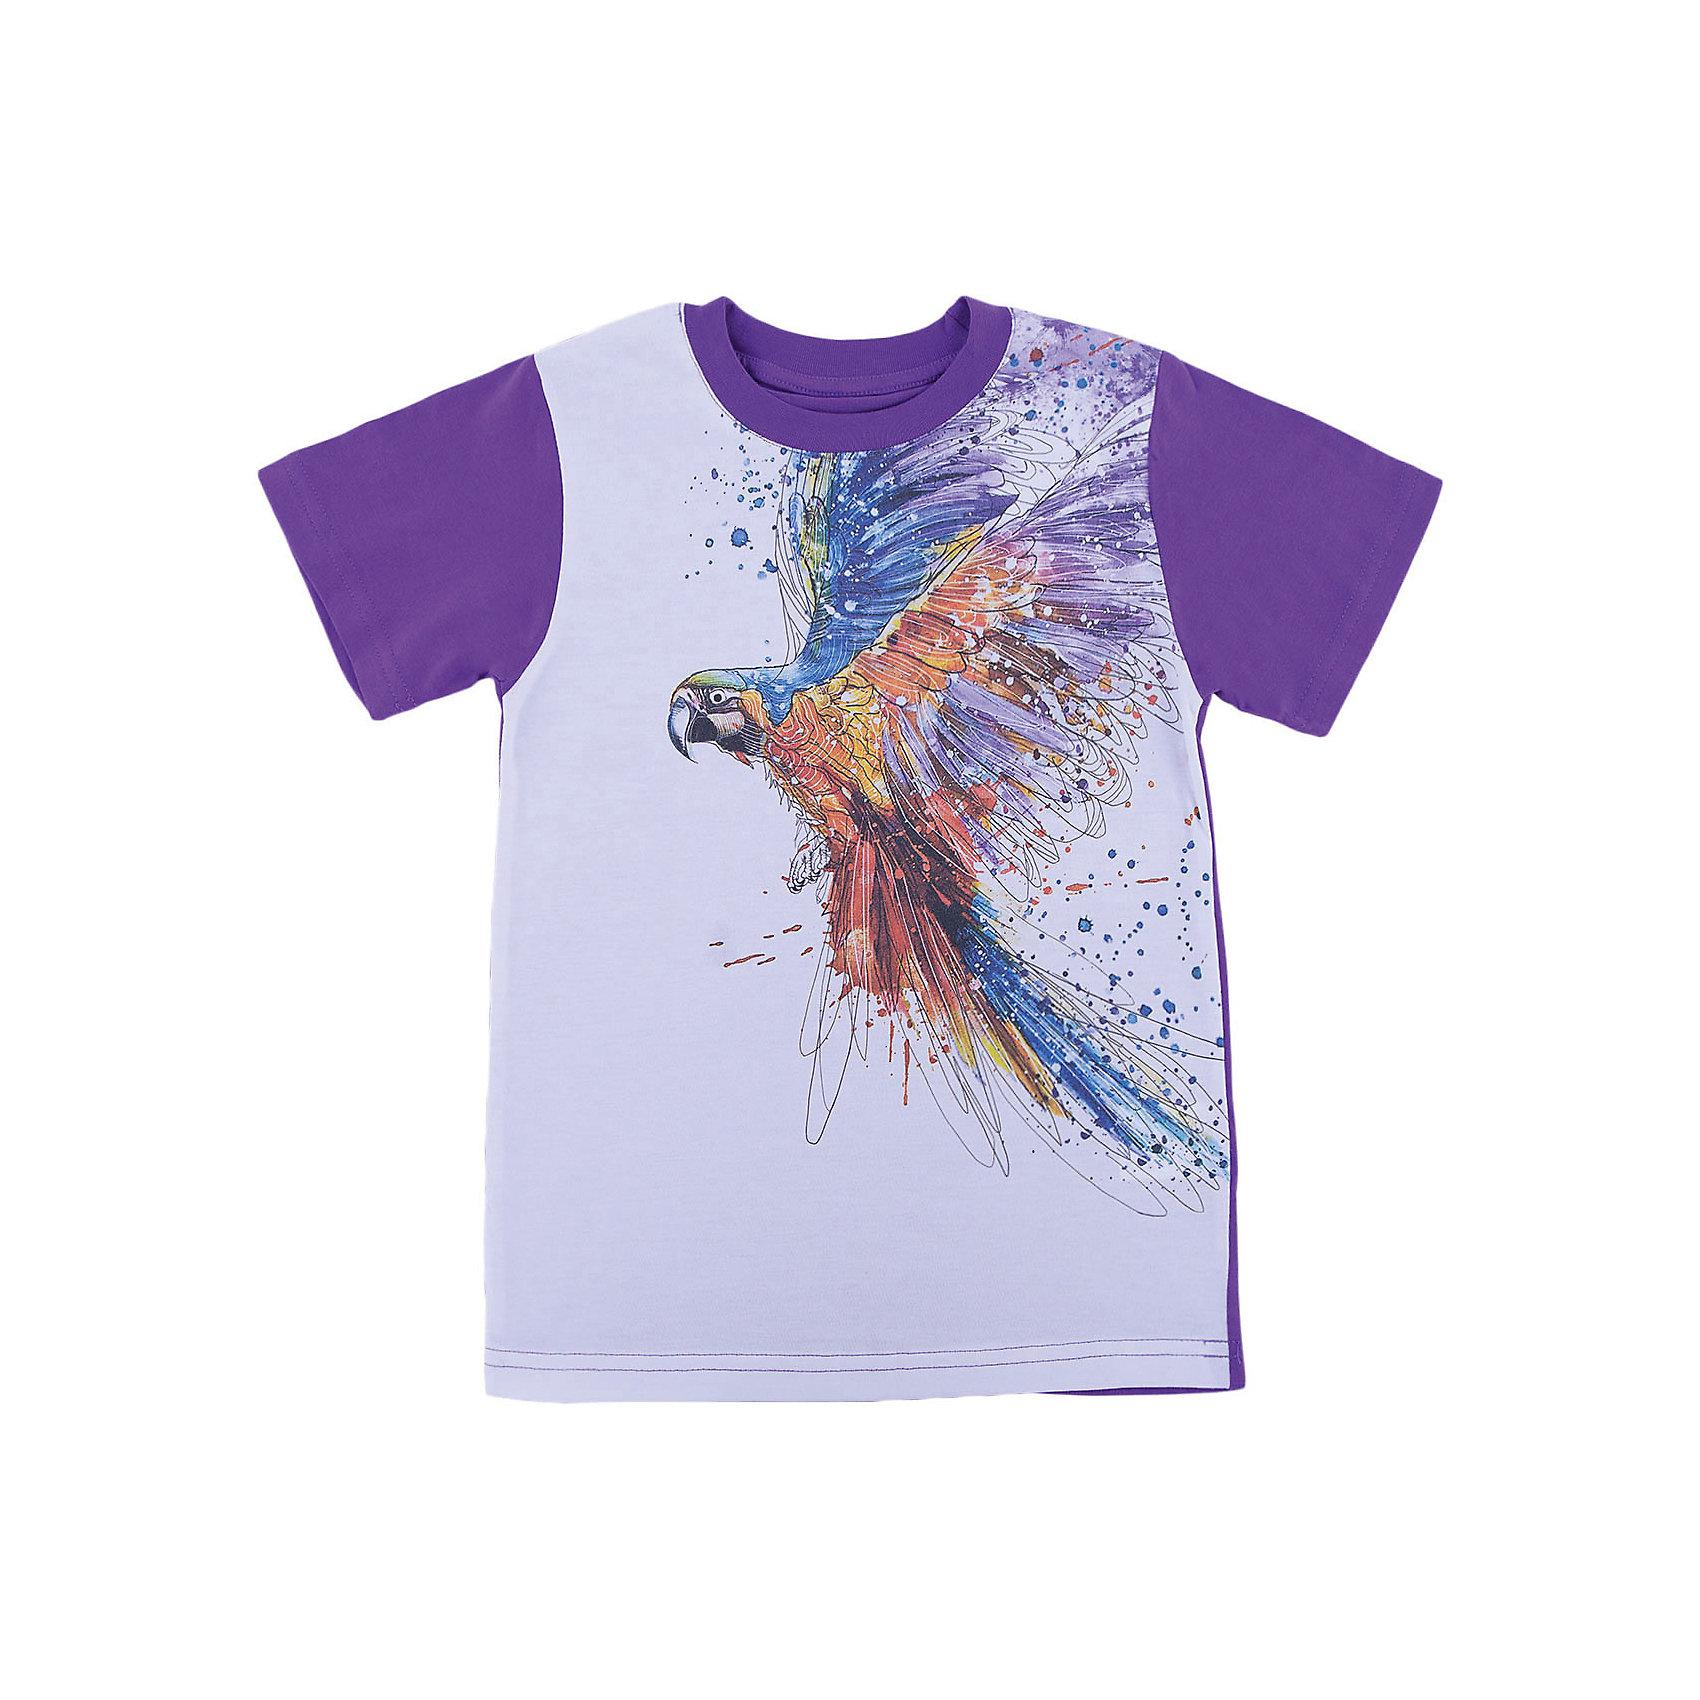 Футболка для девочки WOWФутболки, поло и топы<br>Футболка для девочки WOW<br>Незаменимой вещью в  гардеробе послужит футболка с коротким рукавом. Стильная и в тоже время комфортная модель, с яркой оригинальной печатью, будет превосходно смотреться на ребенке.<br>Состав:<br>кулирная гладь 100% хлопок<br><br>Ширина мм: 199<br>Глубина мм: 10<br>Высота мм: 161<br>Вес г: 151<br>Цвет: лиловый<br>Возраст от месяцев: 156<br>Возраст до месяцев: 168<br>Пол: Женский<br>Возраст: Детский<br>Размер: 164,128,134,140,146,152,158<br>SKU: 6871819